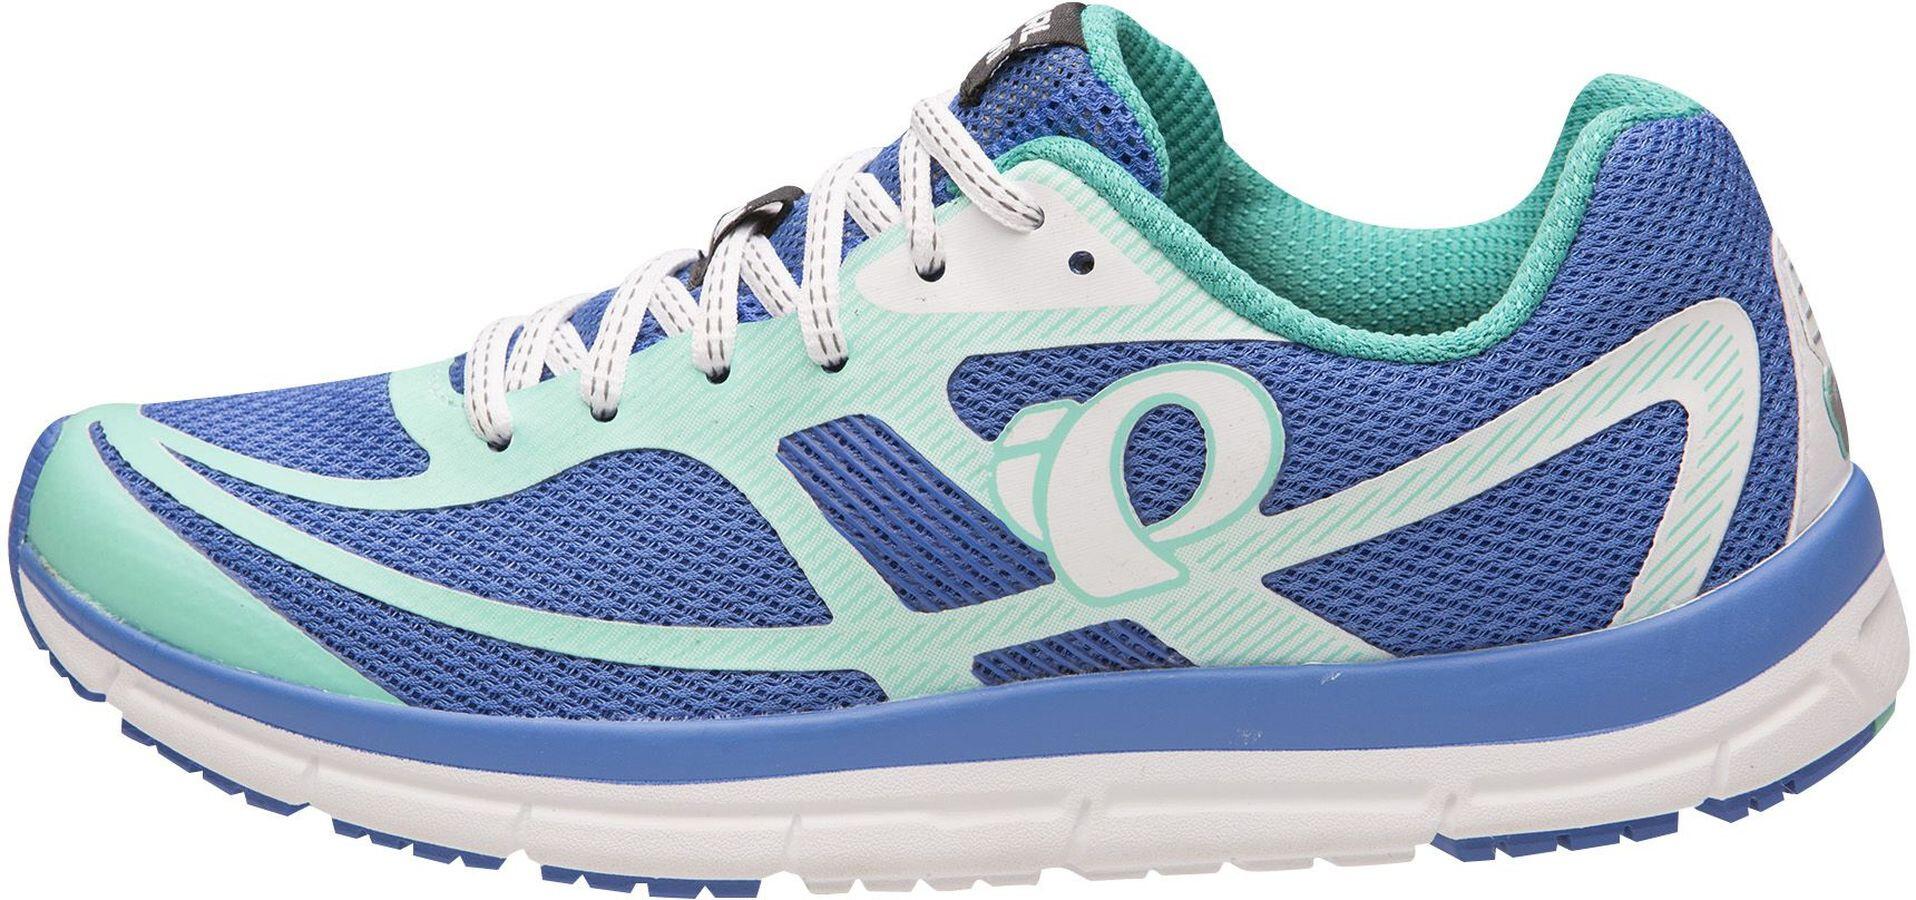 Pearl Izumi Women S Em Road M Running Shoes